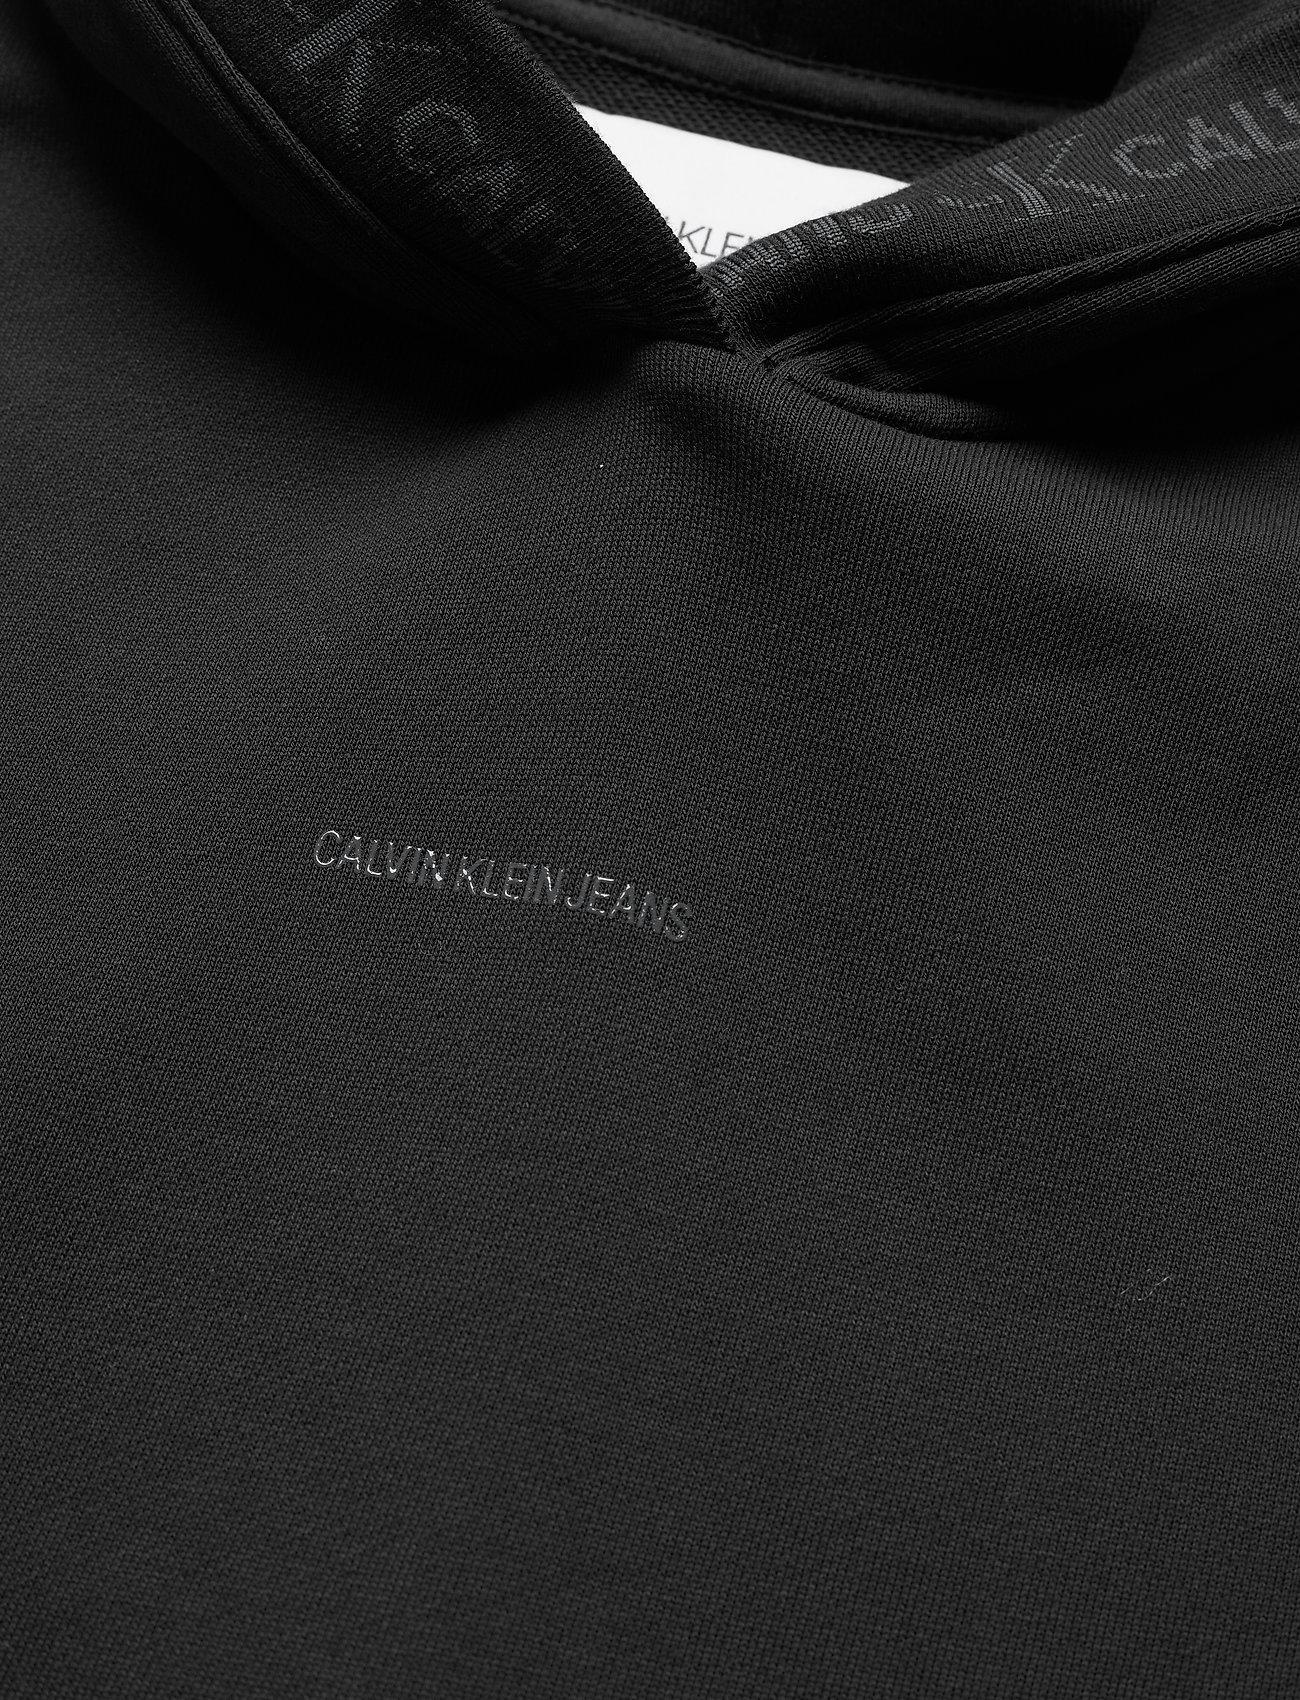 Calvin Klein Jeans - LOGO TRIM HOODIE - sweatshirts & hoodies - ck black - 2